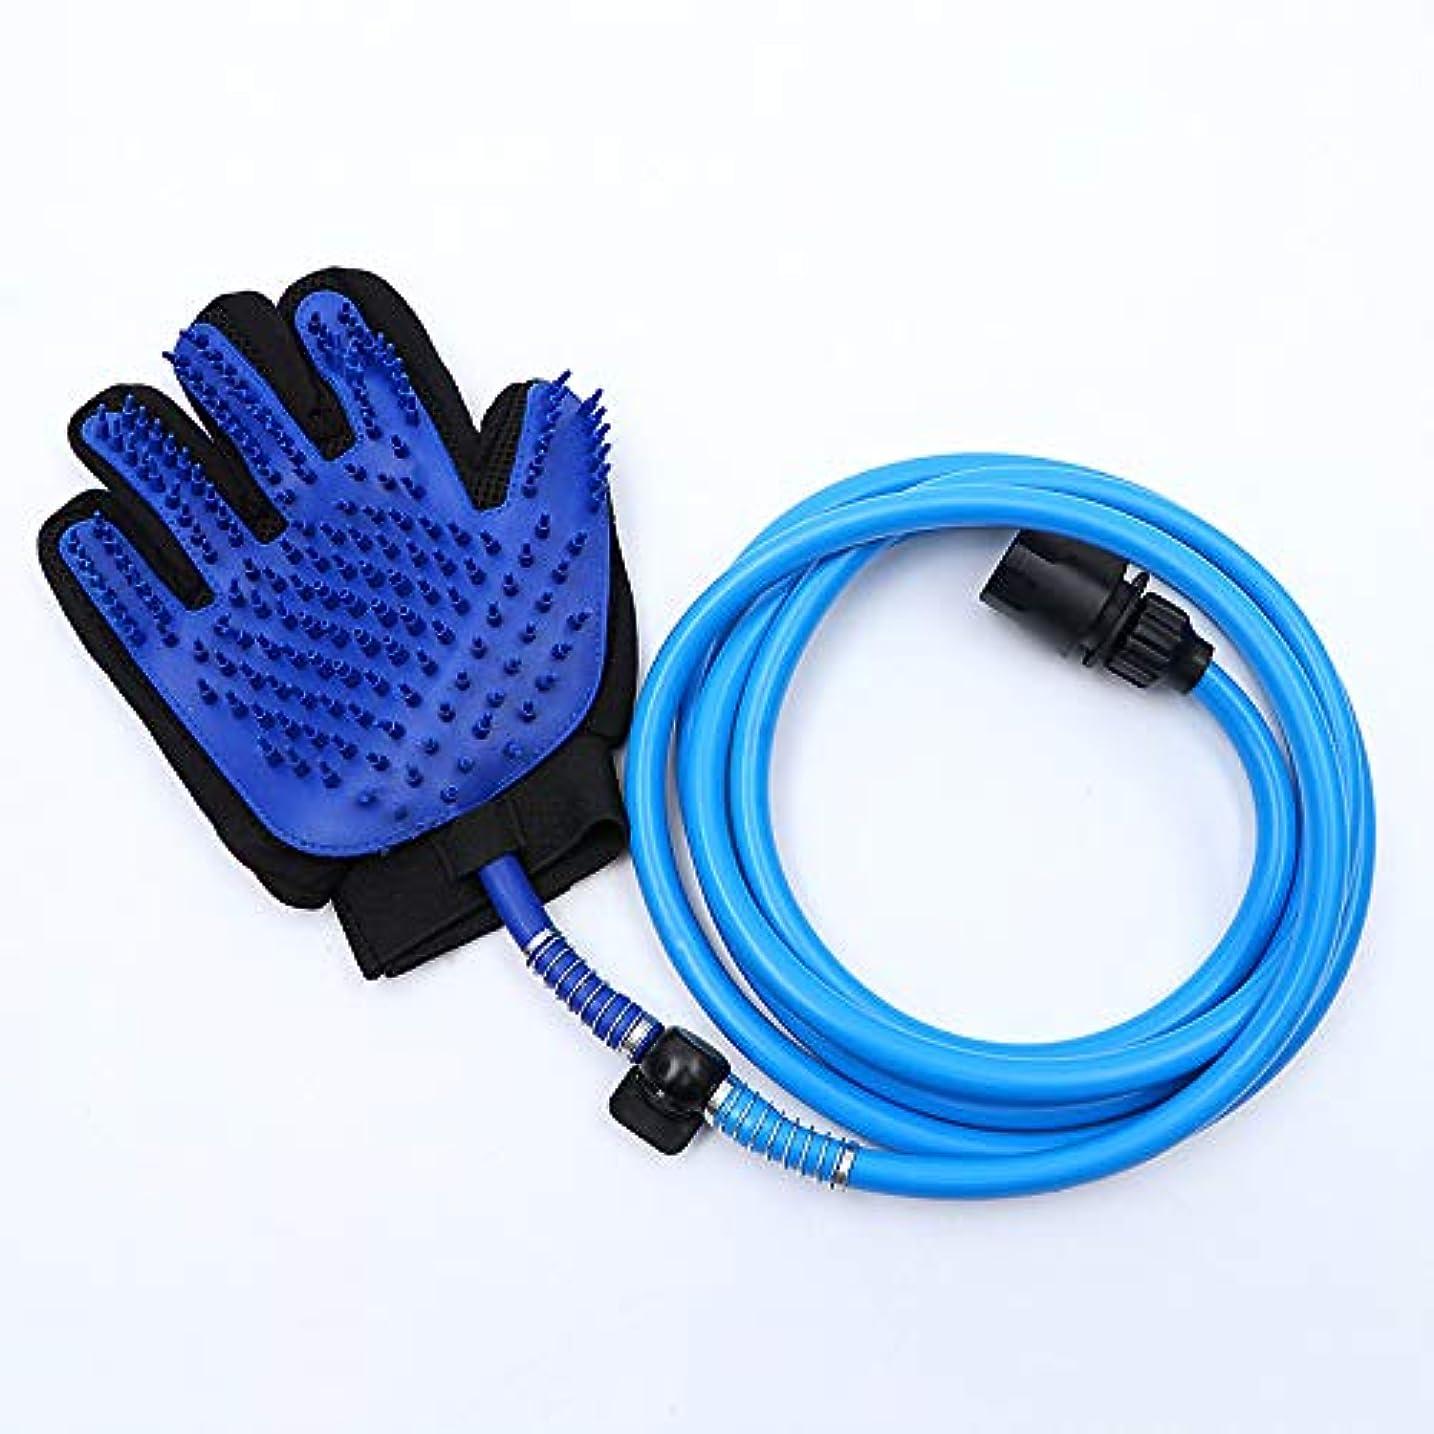 気を散らすせっかち暗殺するBTXXYJP 手袋 ペット ブラシ グローブ 猫 ブラシ 抜け毛取り クリーナー ブラッシング マッサージブラシ 犬 グローブ ペット毛取りブラシ お手入れ (Color : Blue, Size : L)